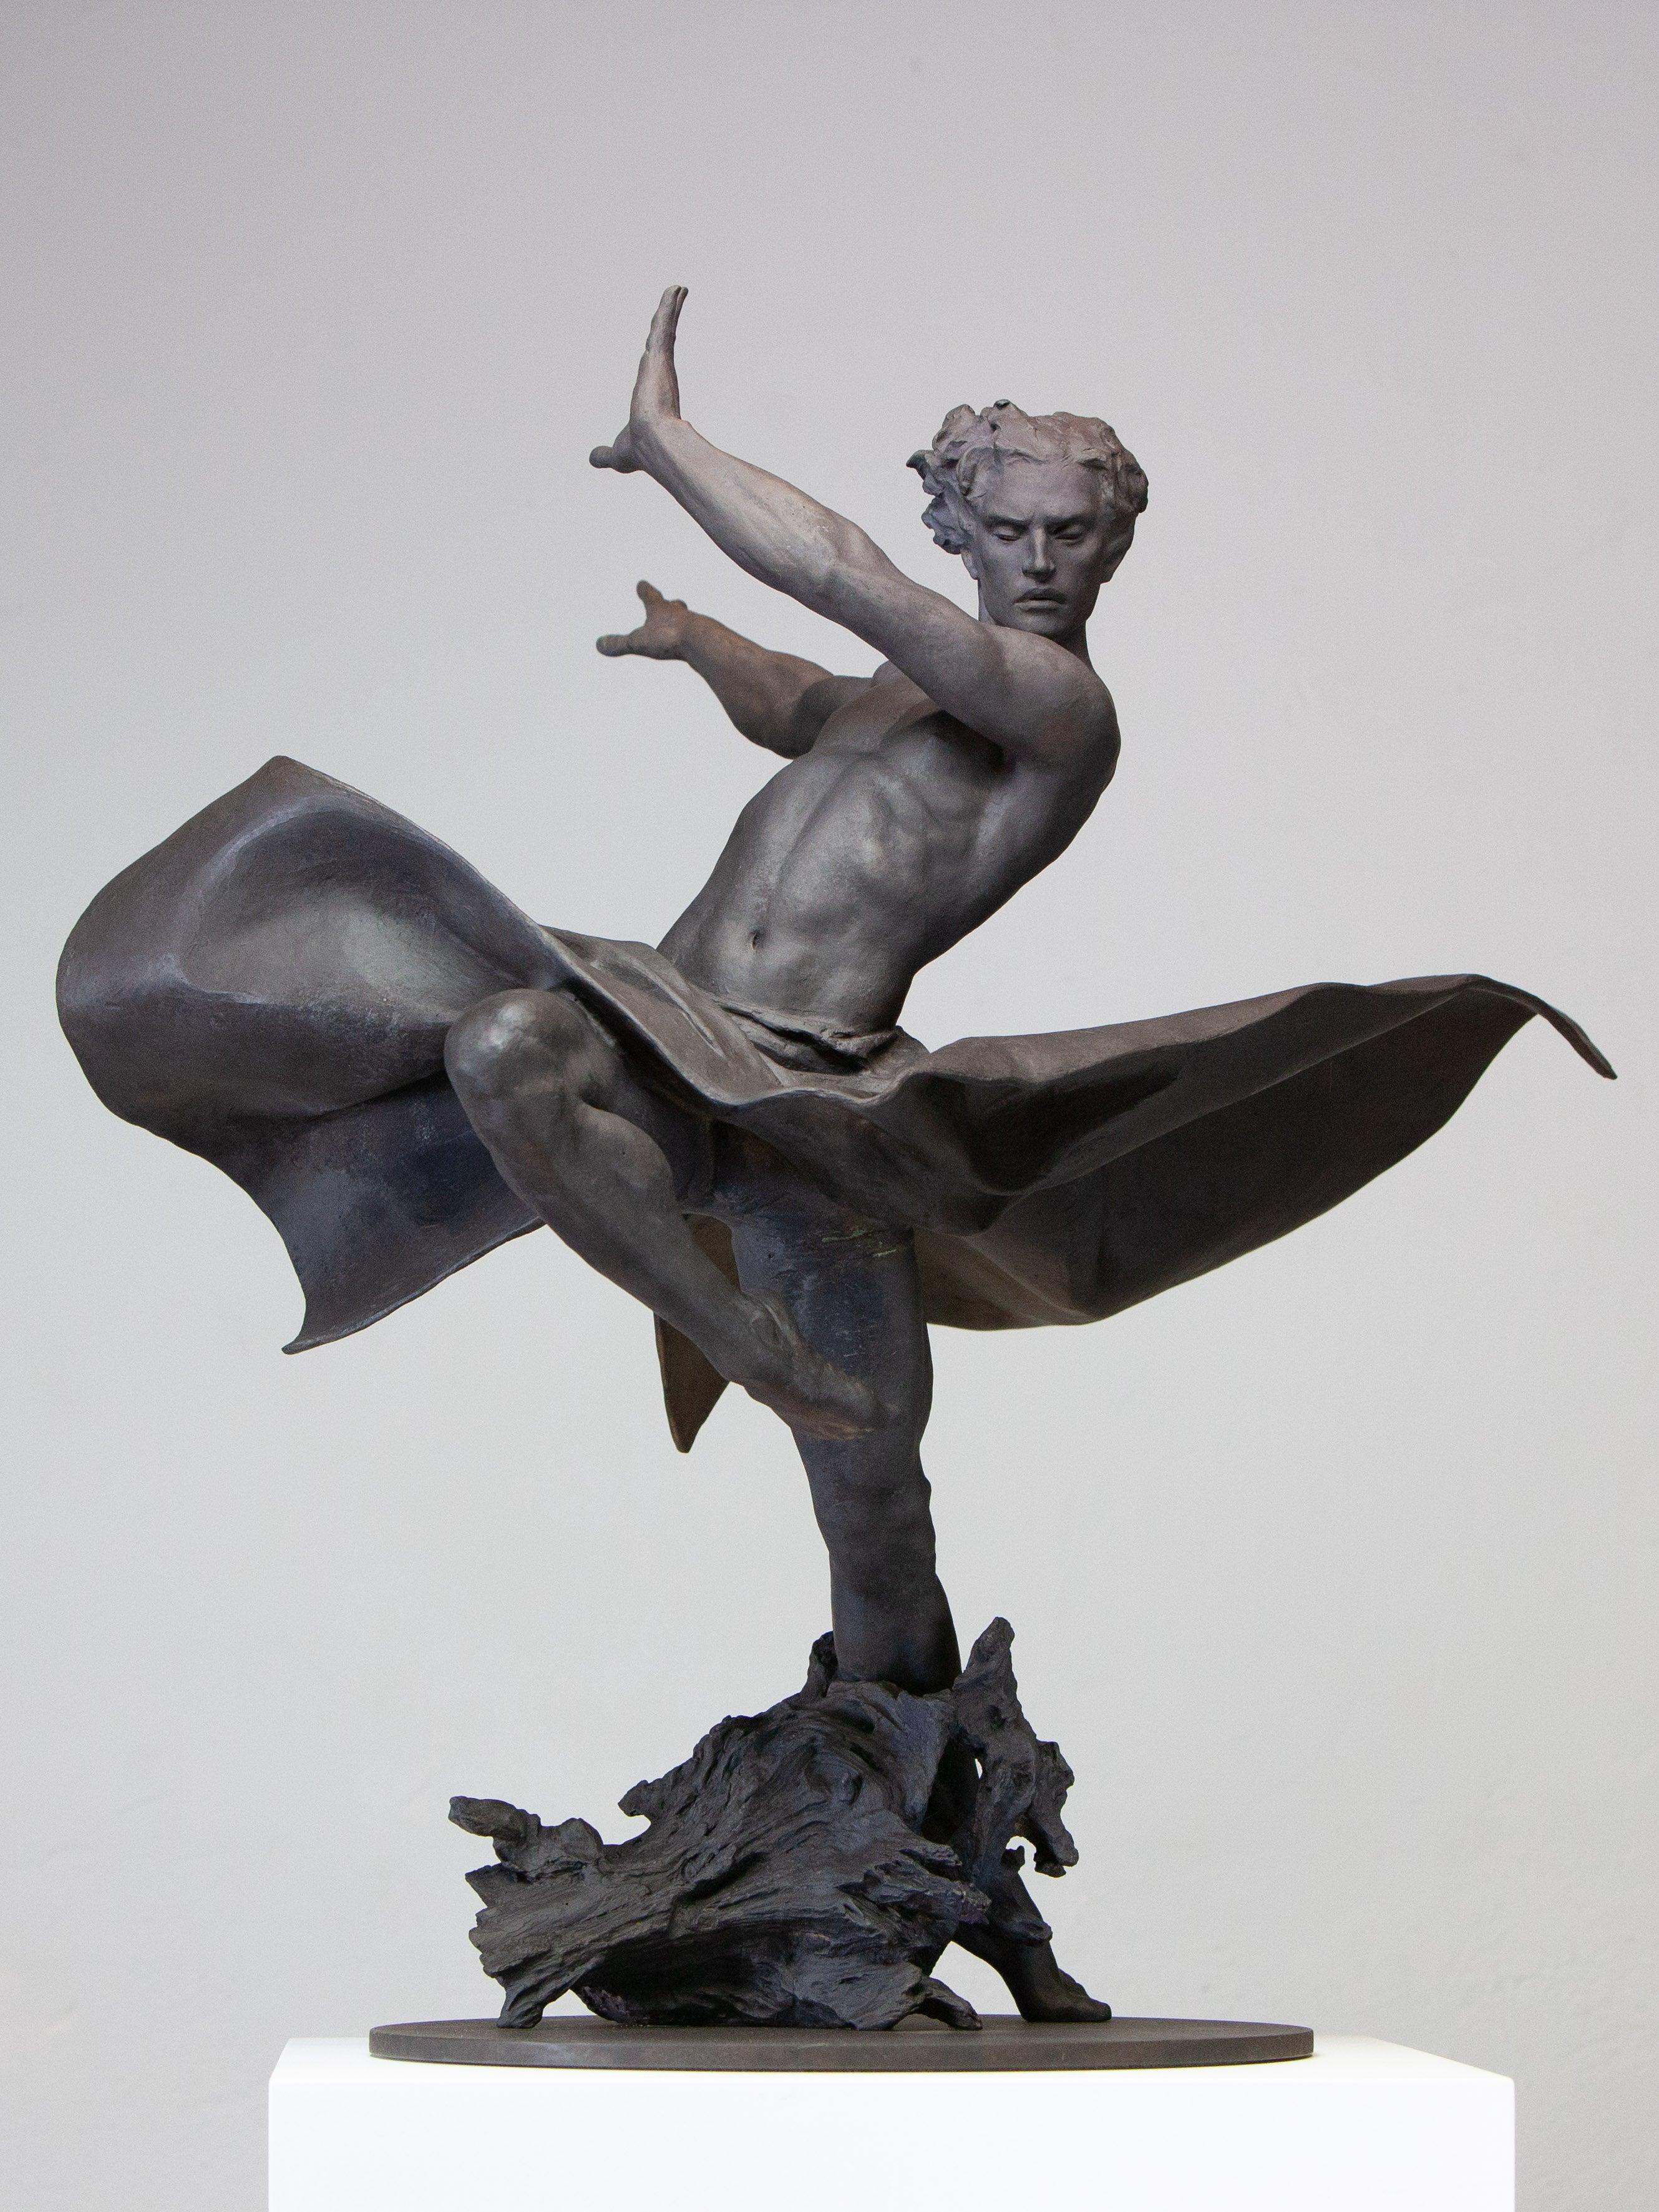 Coderch & Malavia. Liber. Bronze figurative sculpture.